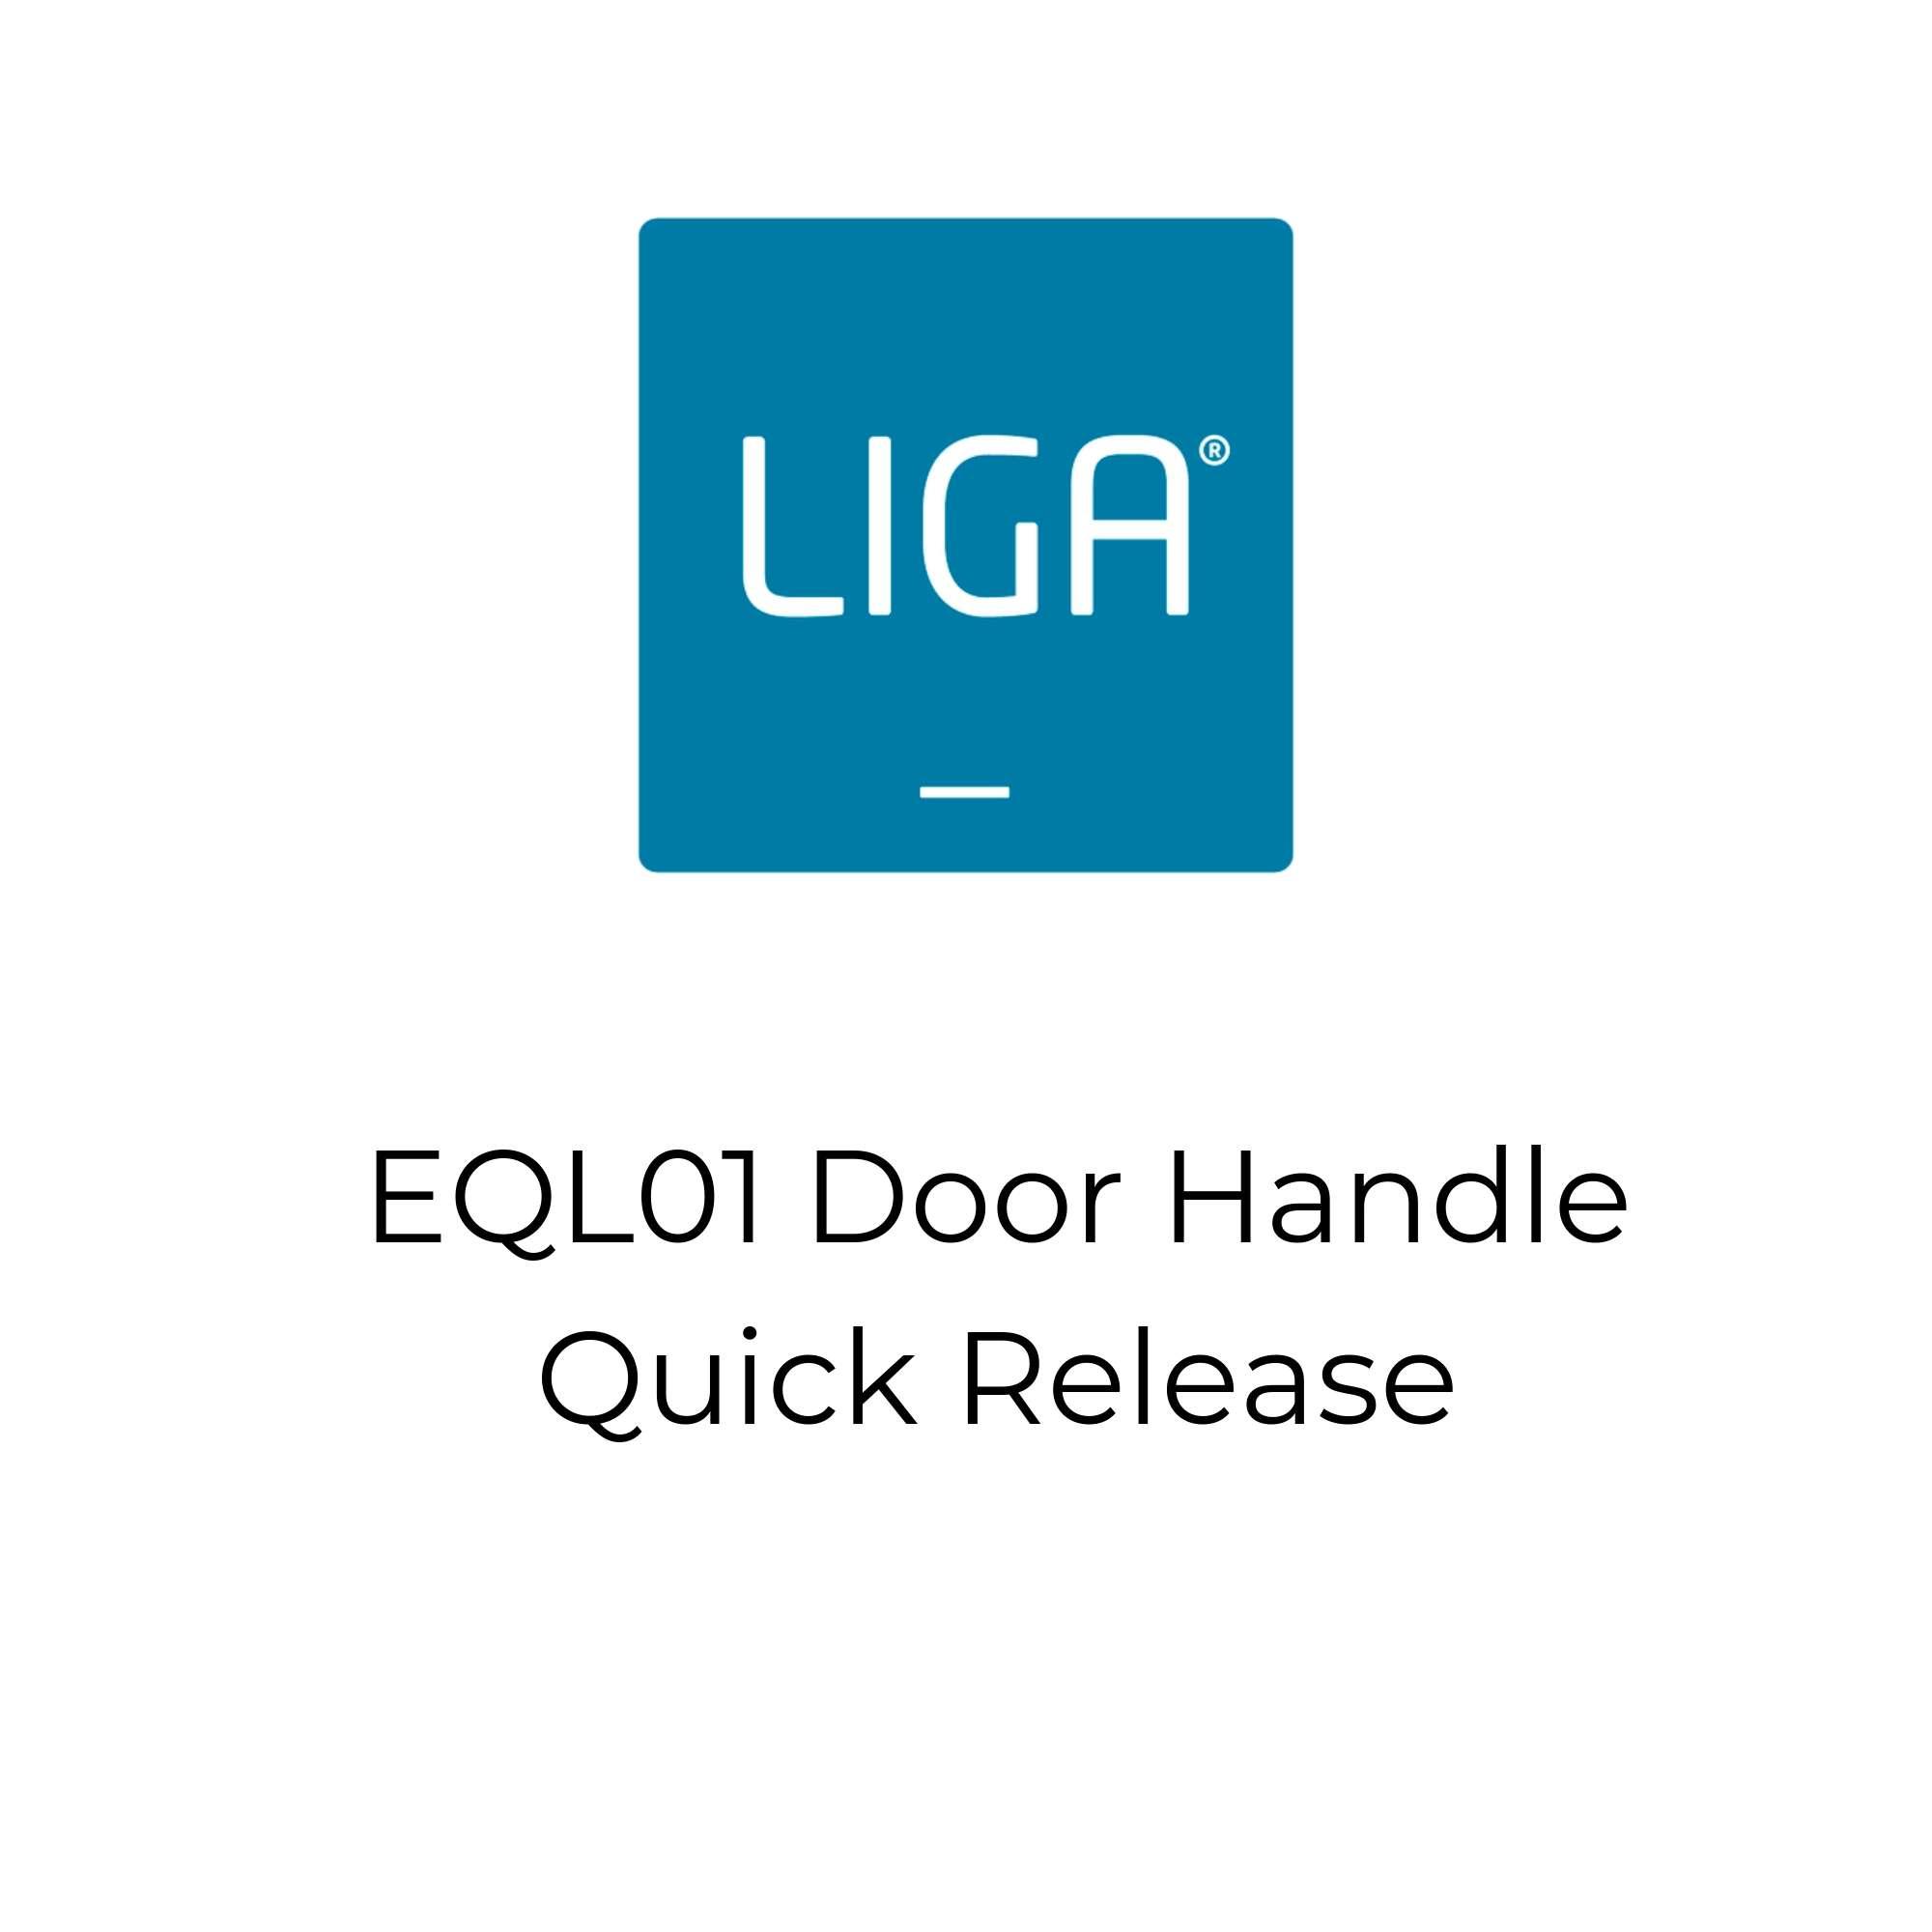 EQL01 Door Handle Quick Release